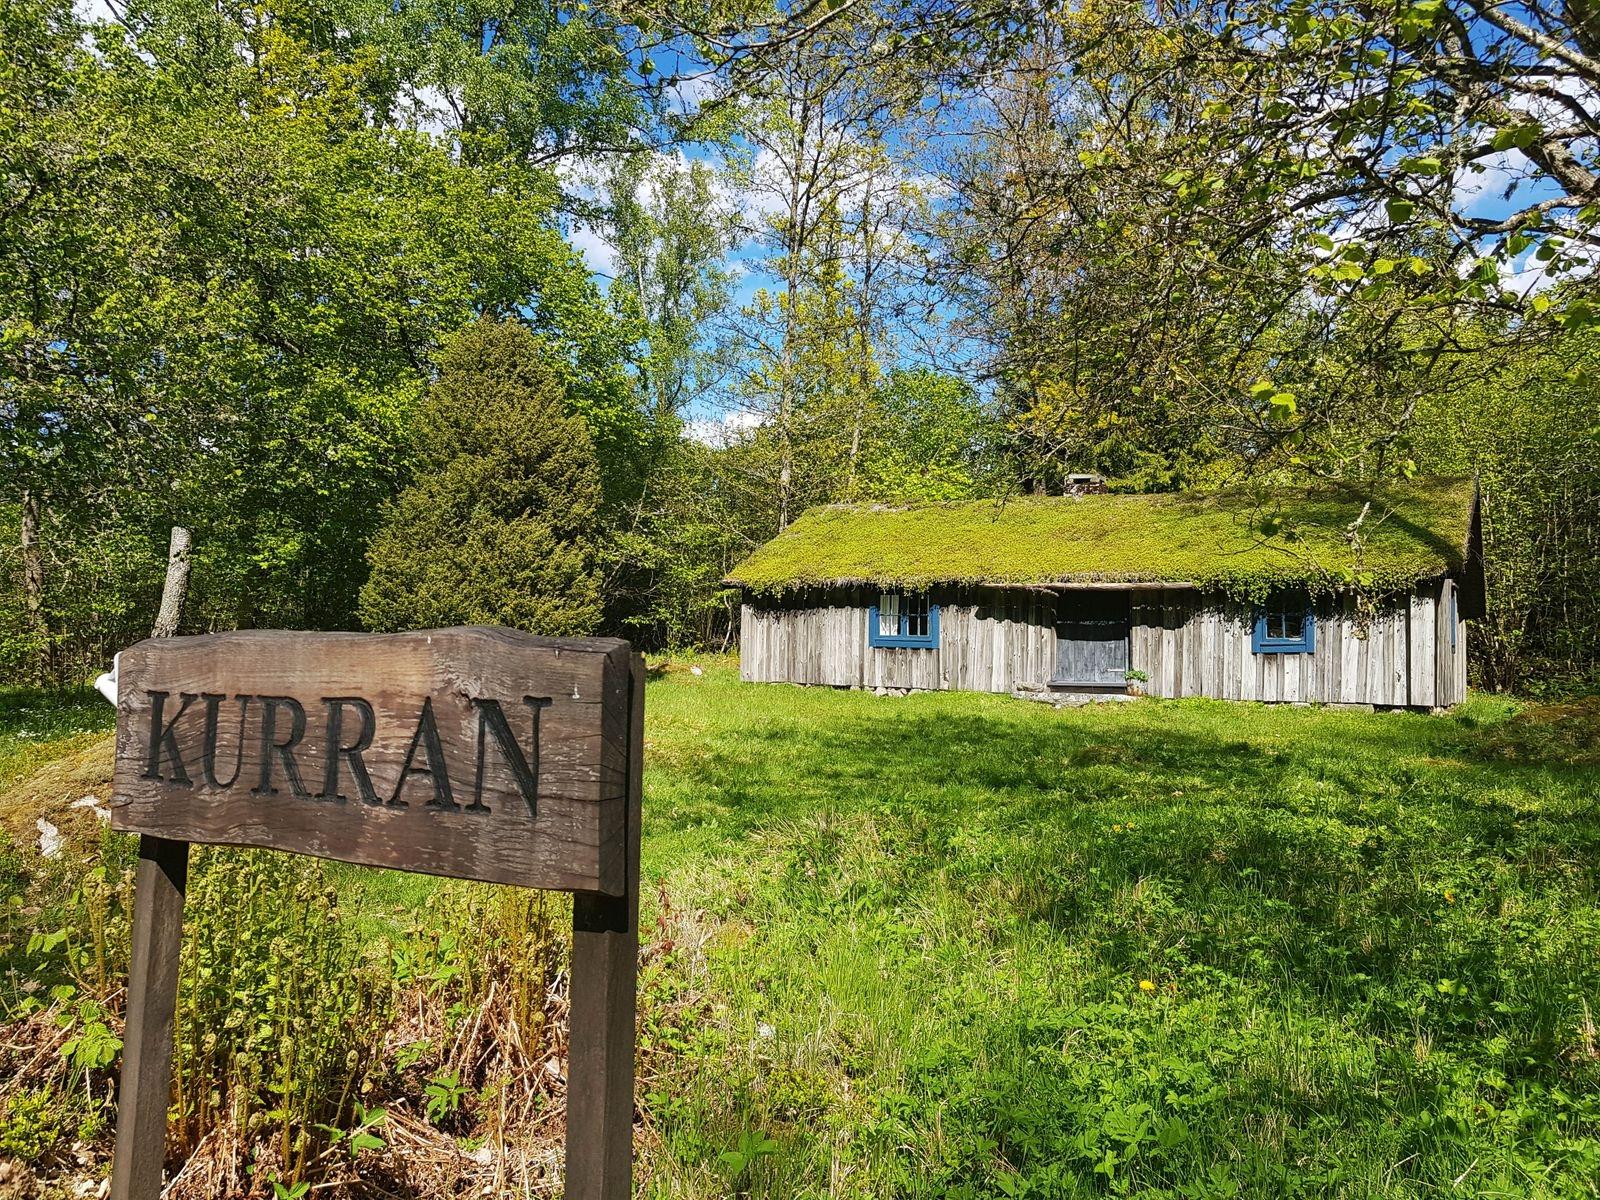 Ryggåsstugan Kurran ligger utanför Vrankunge och härstammar från 1700-talet.